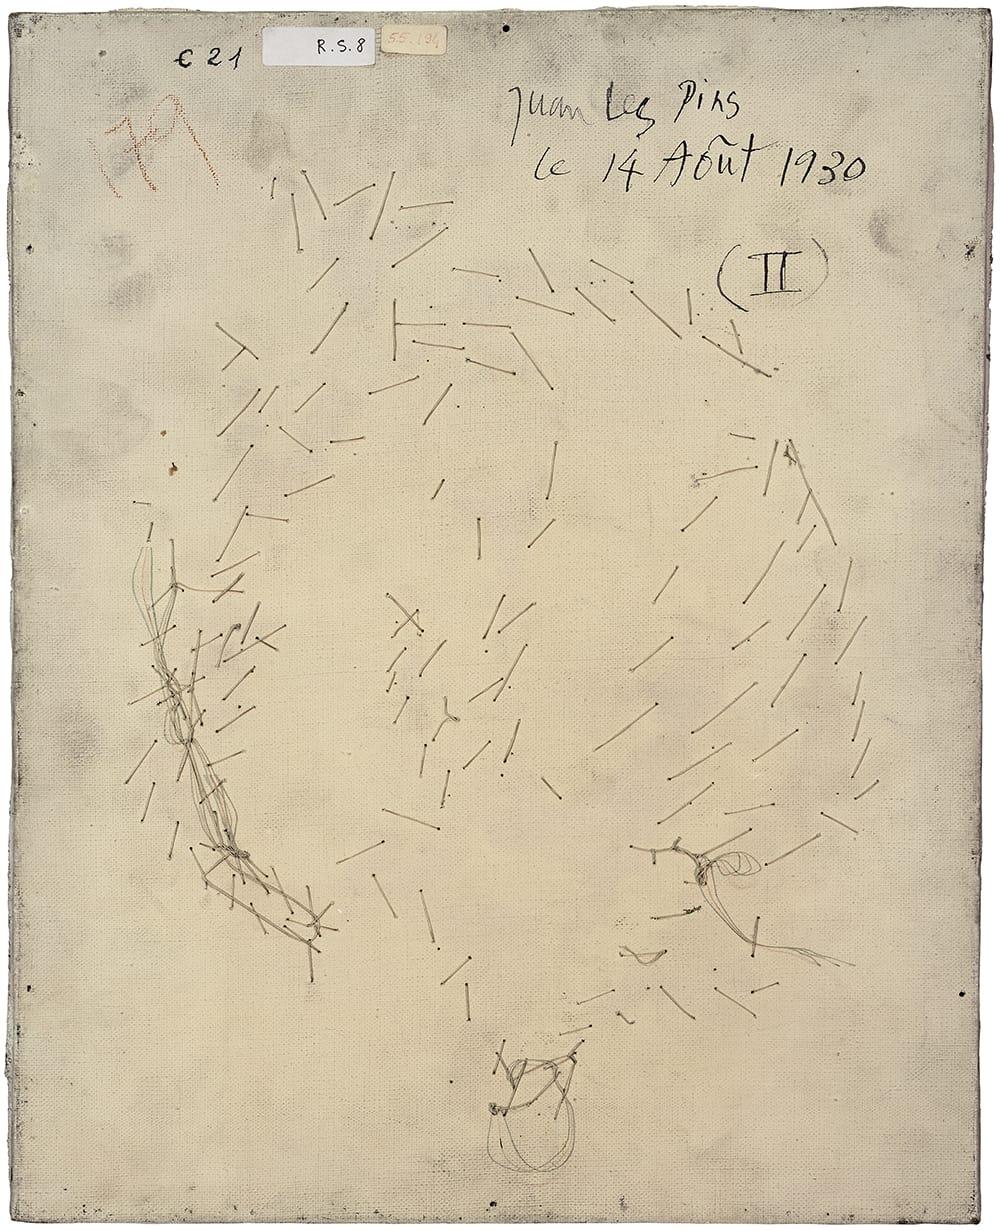 PHILIPPE GRONON, Verso n°55, Visage aux deux profils, par Pablo Picasso, collection Musée national Picasso-Paris